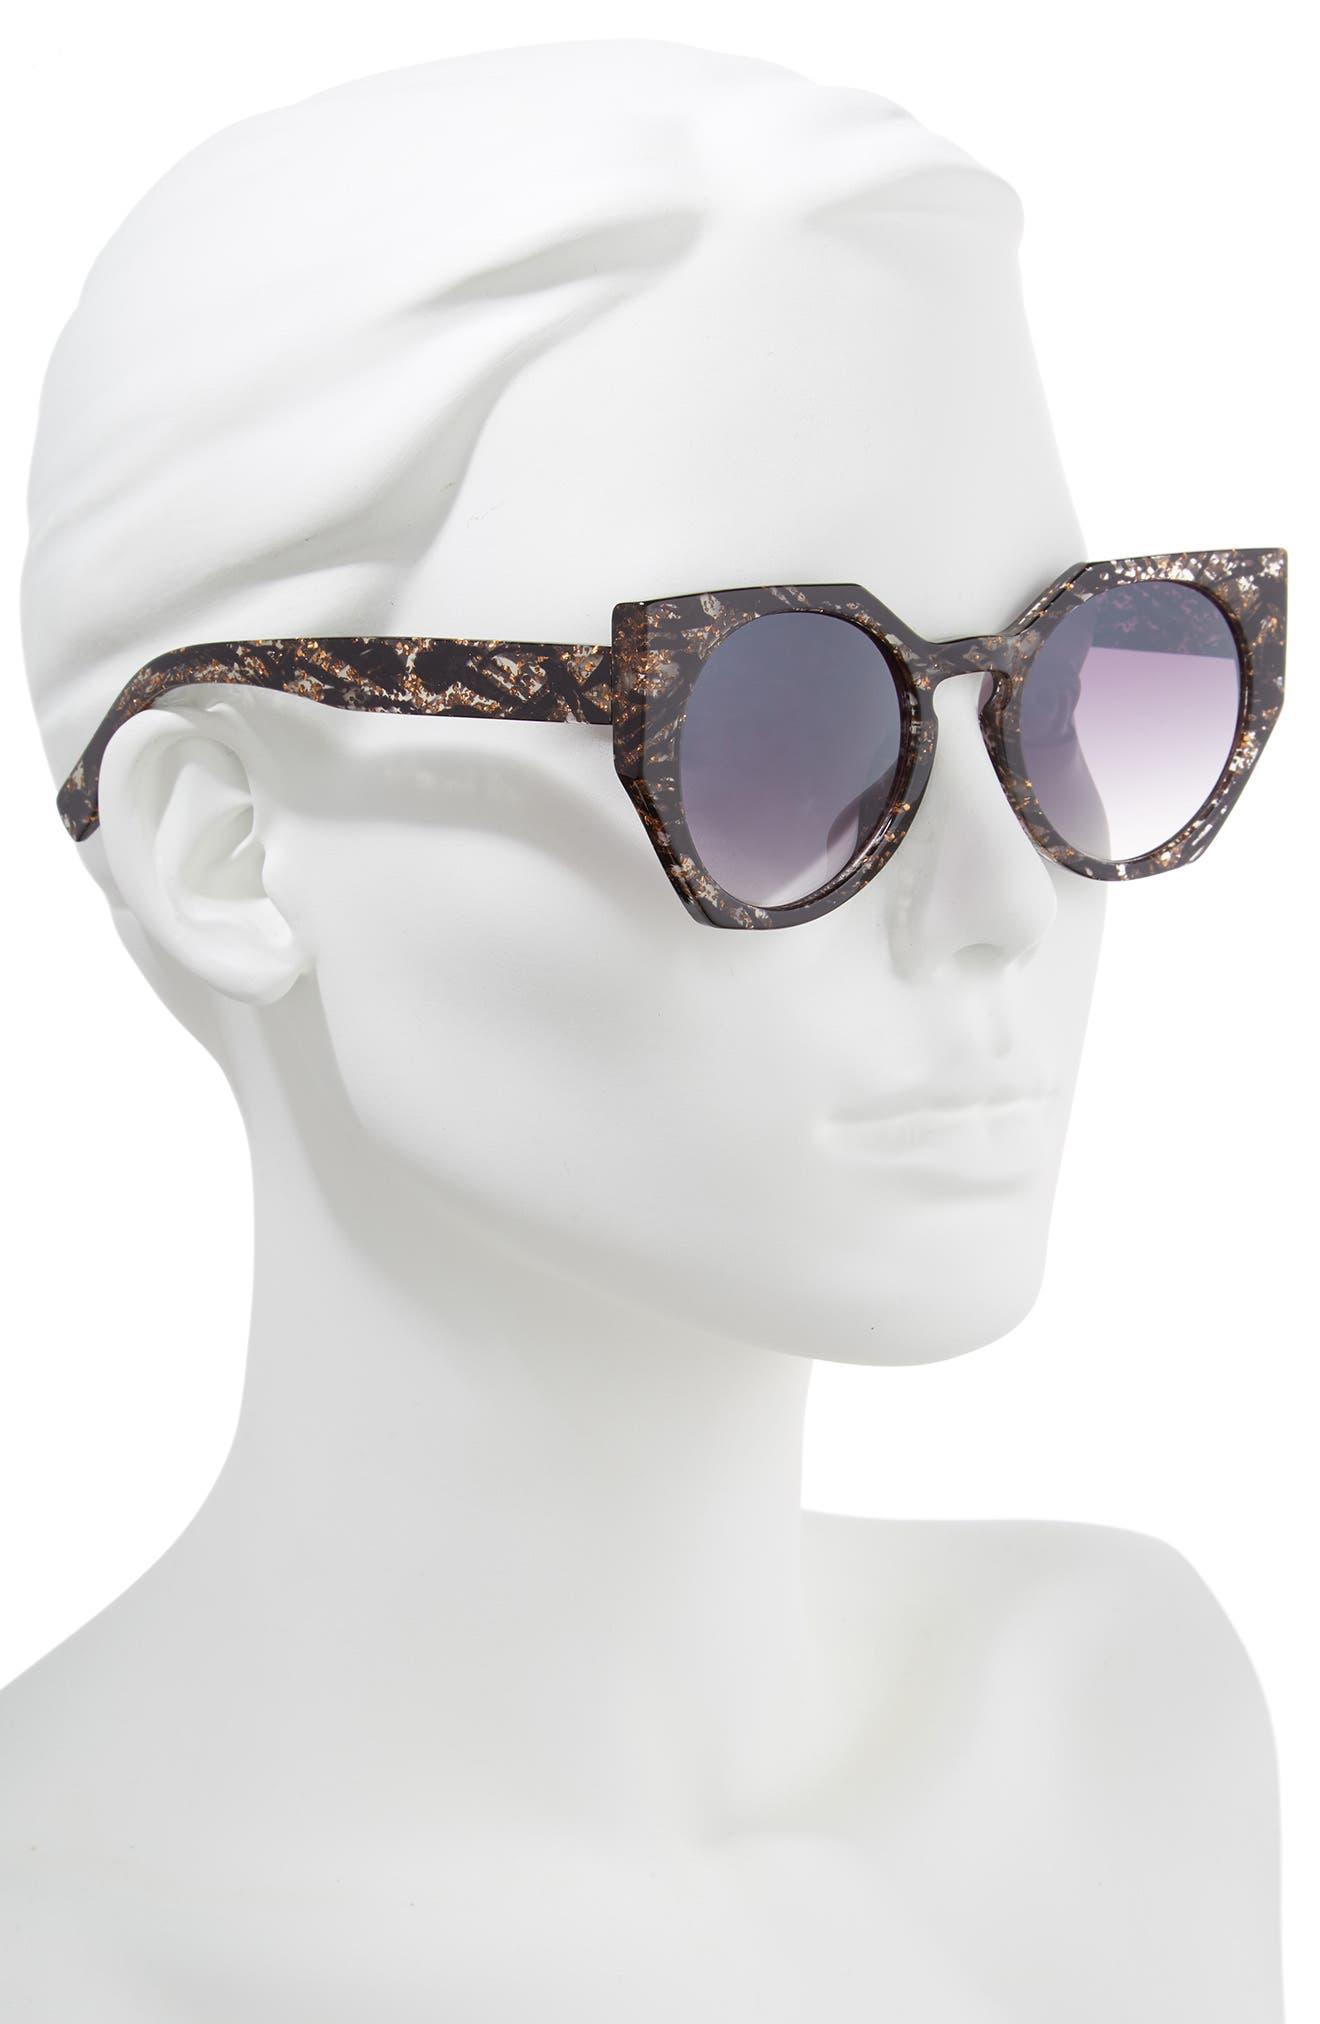 50mm Geometric Sunglasses,                             Alternate thumbnail 2, color,                             Black/ Gold